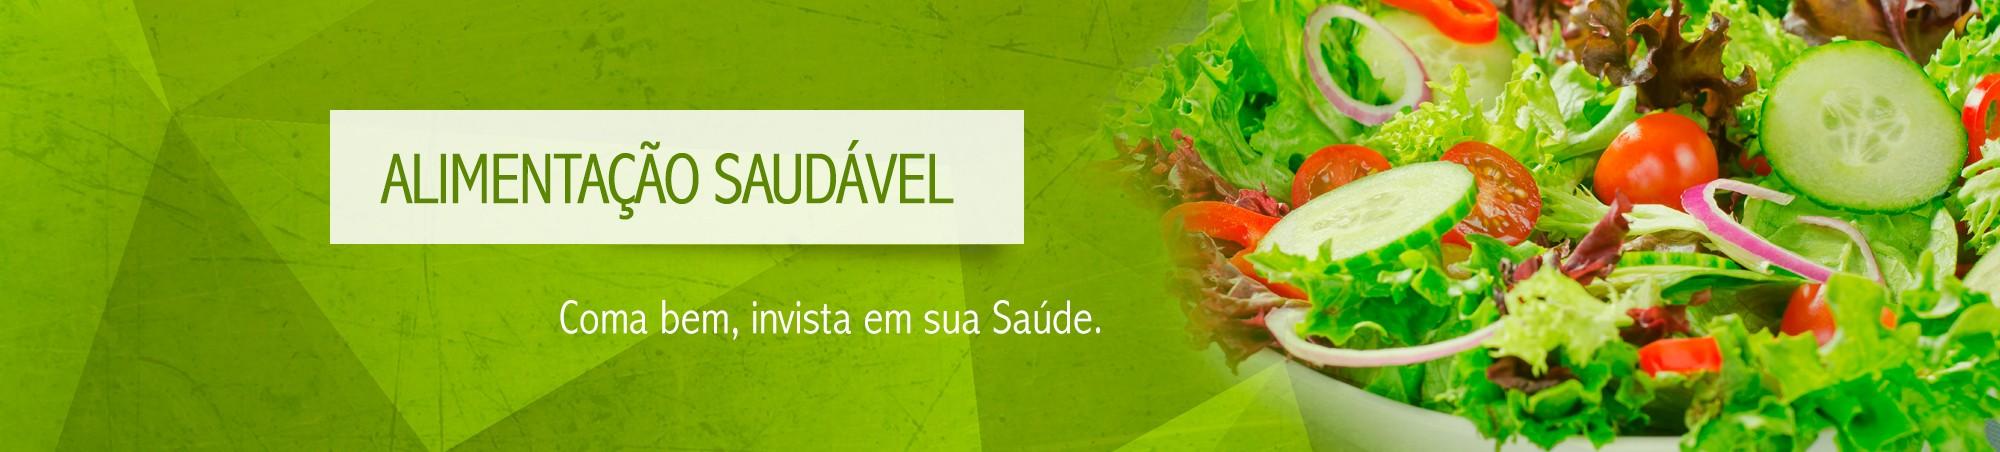 Nutro Brasil - Alimentação Saudável